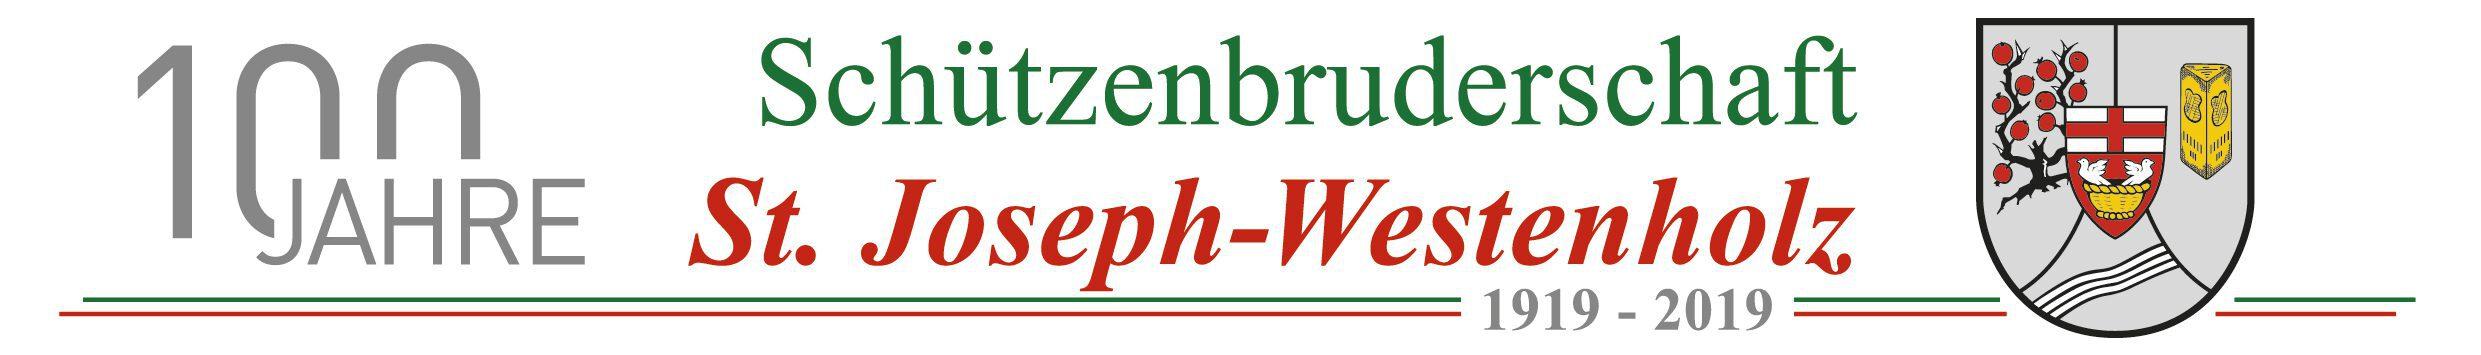 Schützenbruderschaft St. Joseph-Westenholz